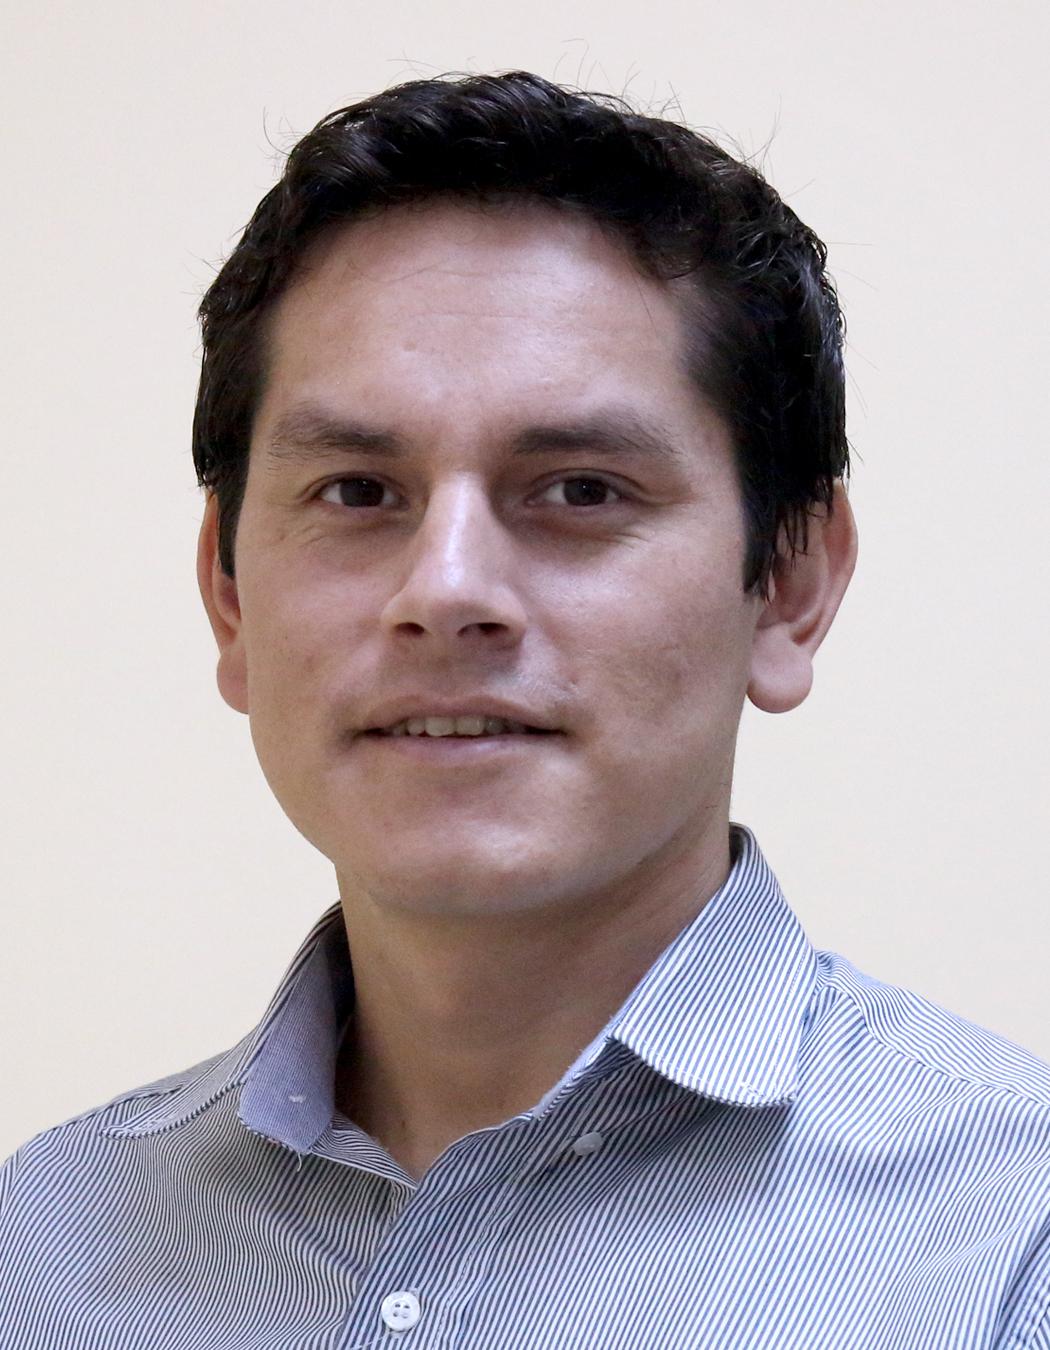 JEAN CARLOS CHAVEZ GARCÍA